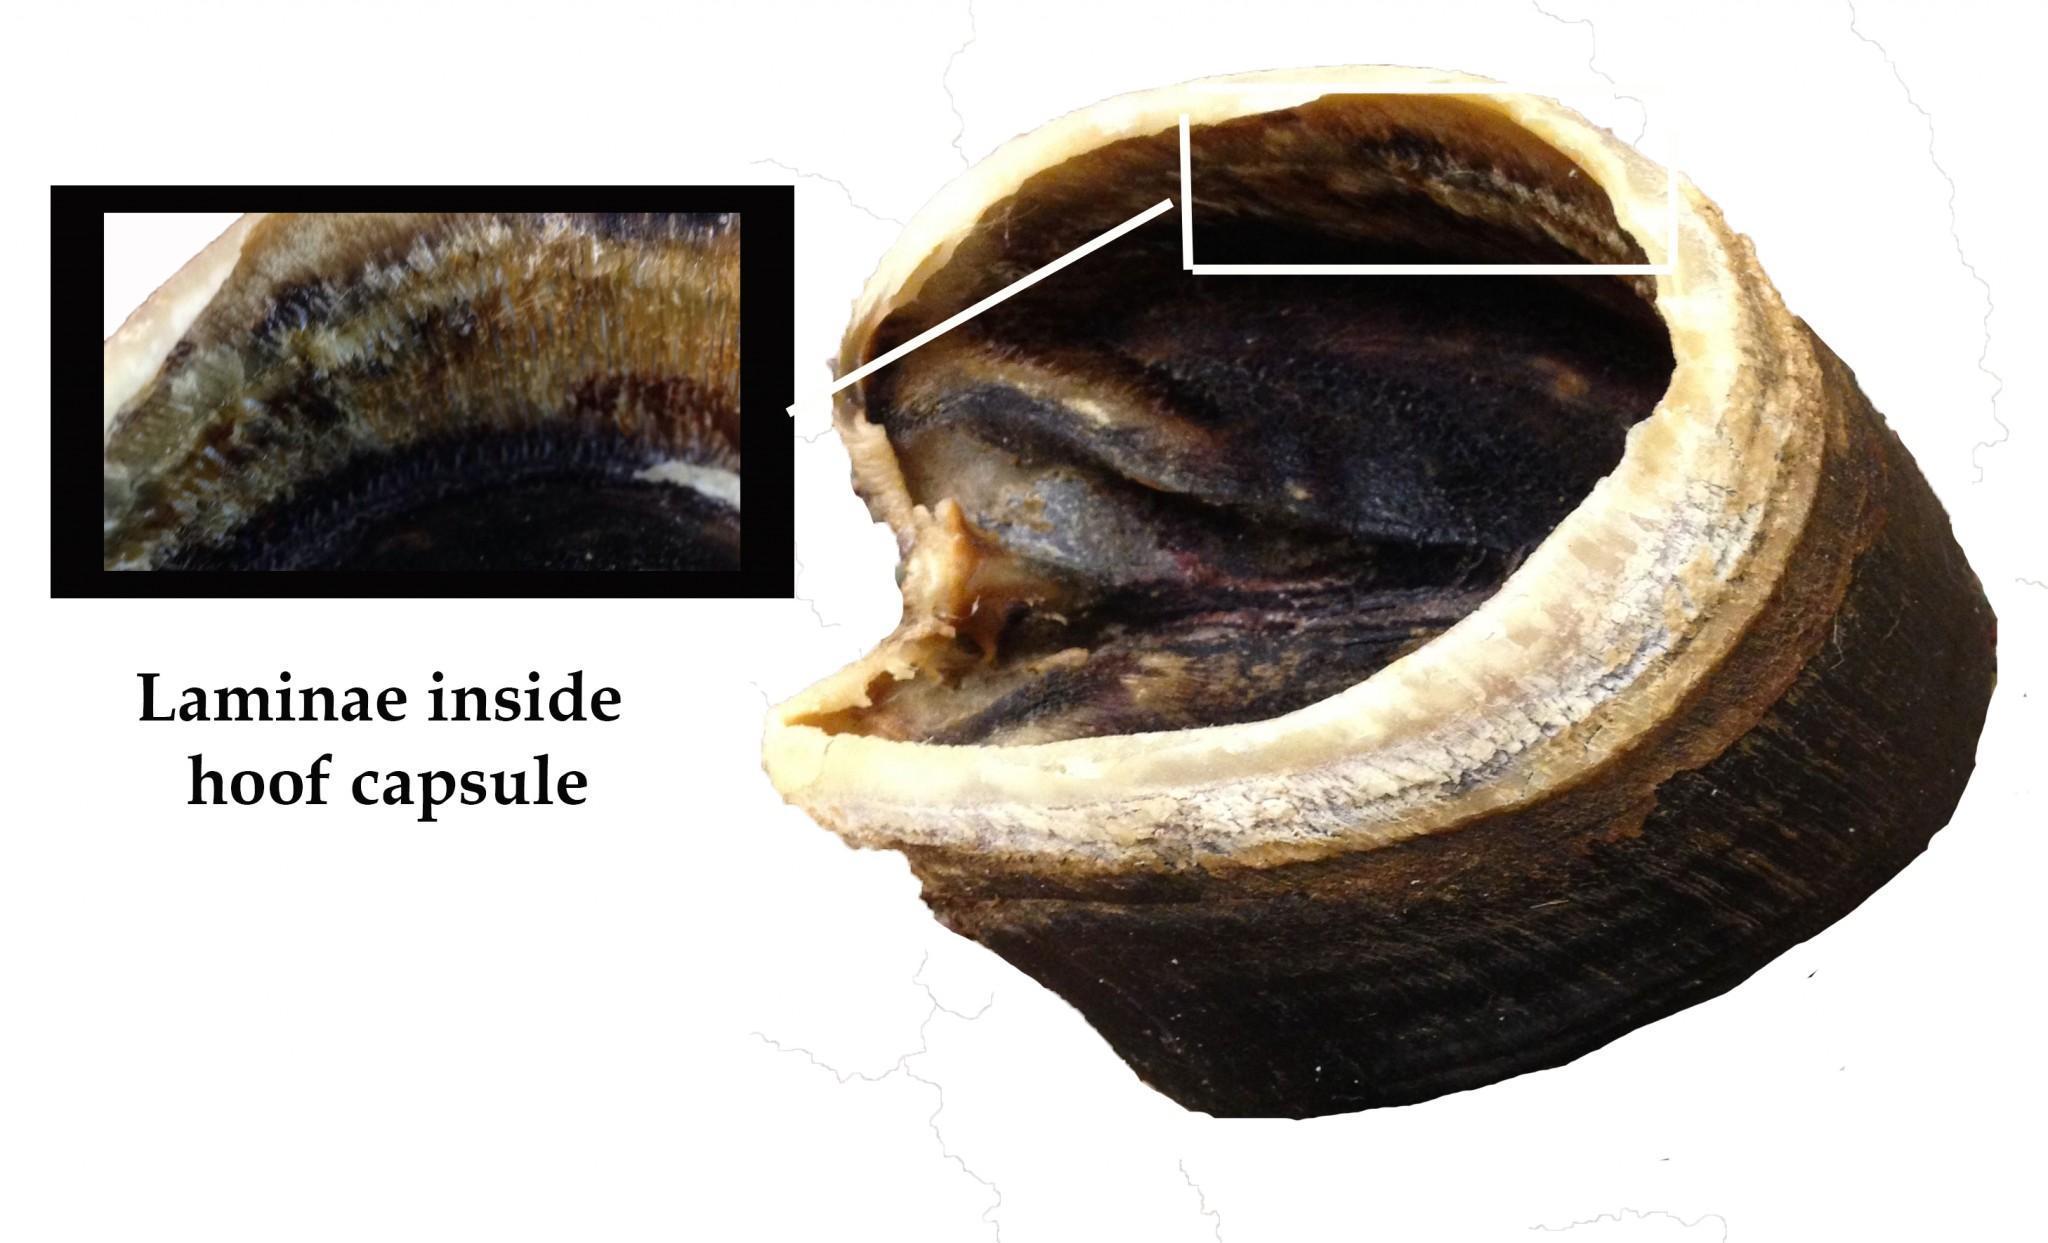 The finger-like laminae inside the hoof capsule look like whale baleen. Photo credit Dixie Crowe